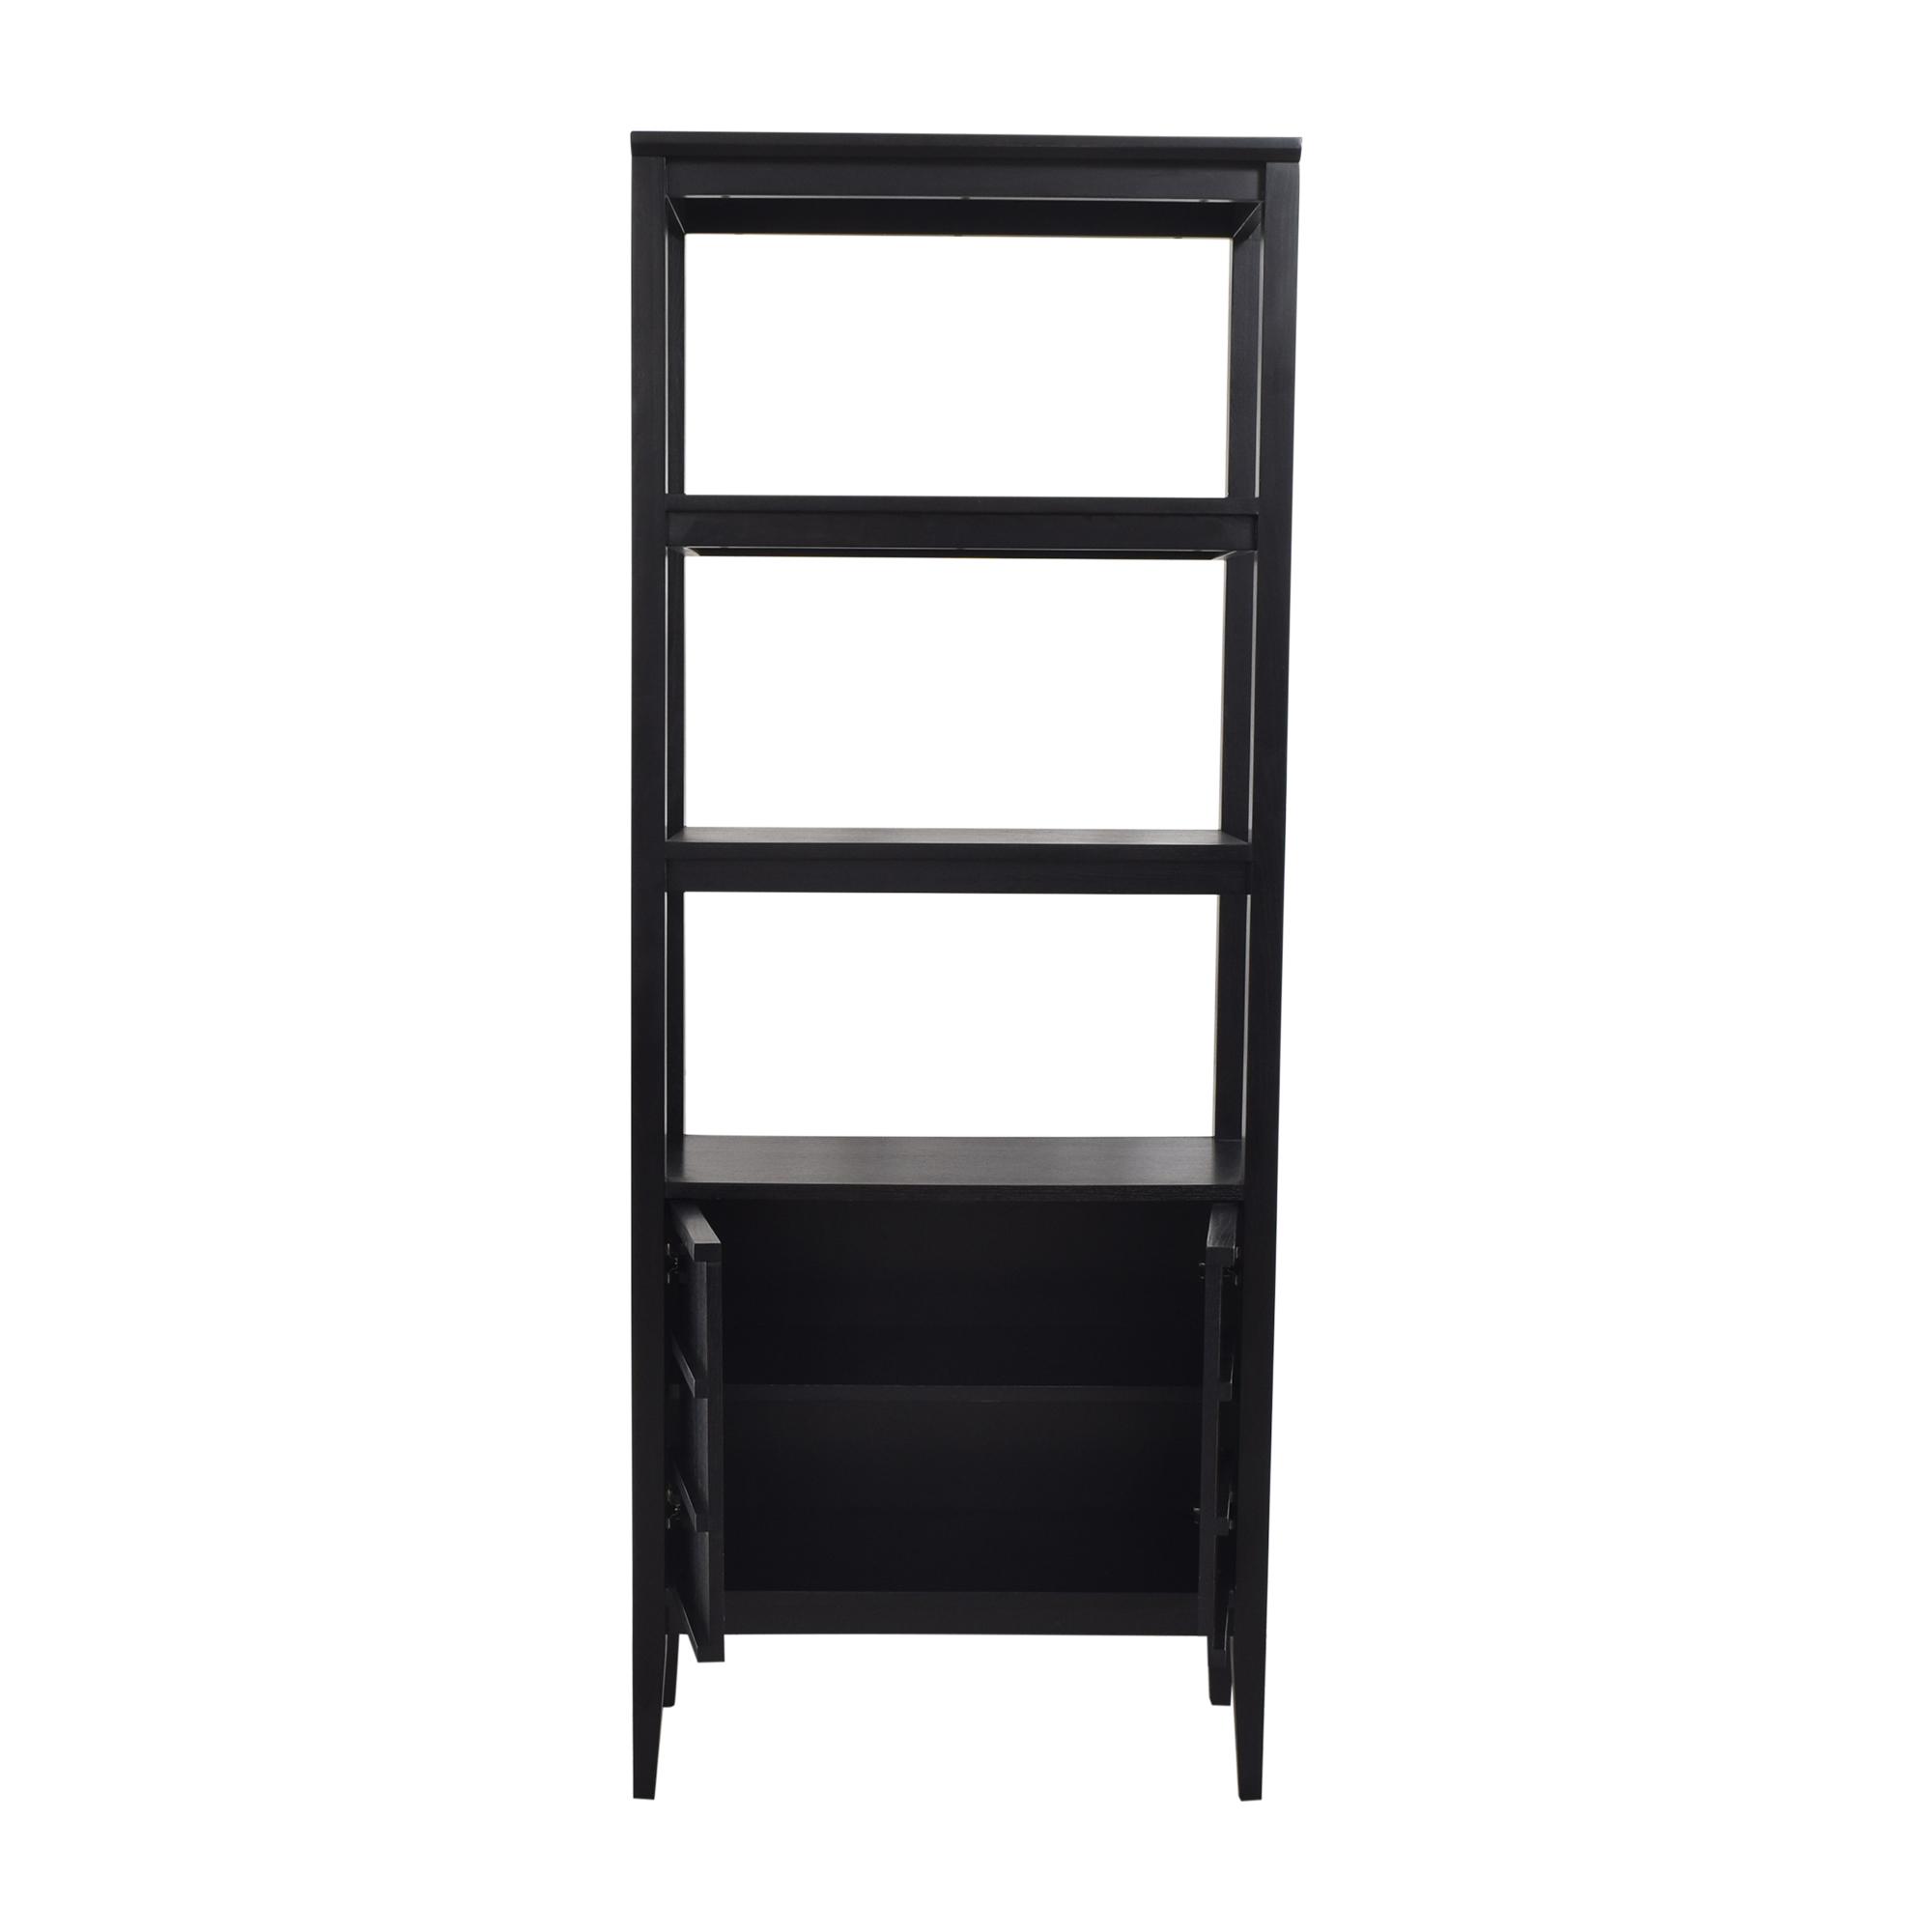 Crate & Barrel Crate & Barrel Spotlight Bookcase Bookcases & Shelving